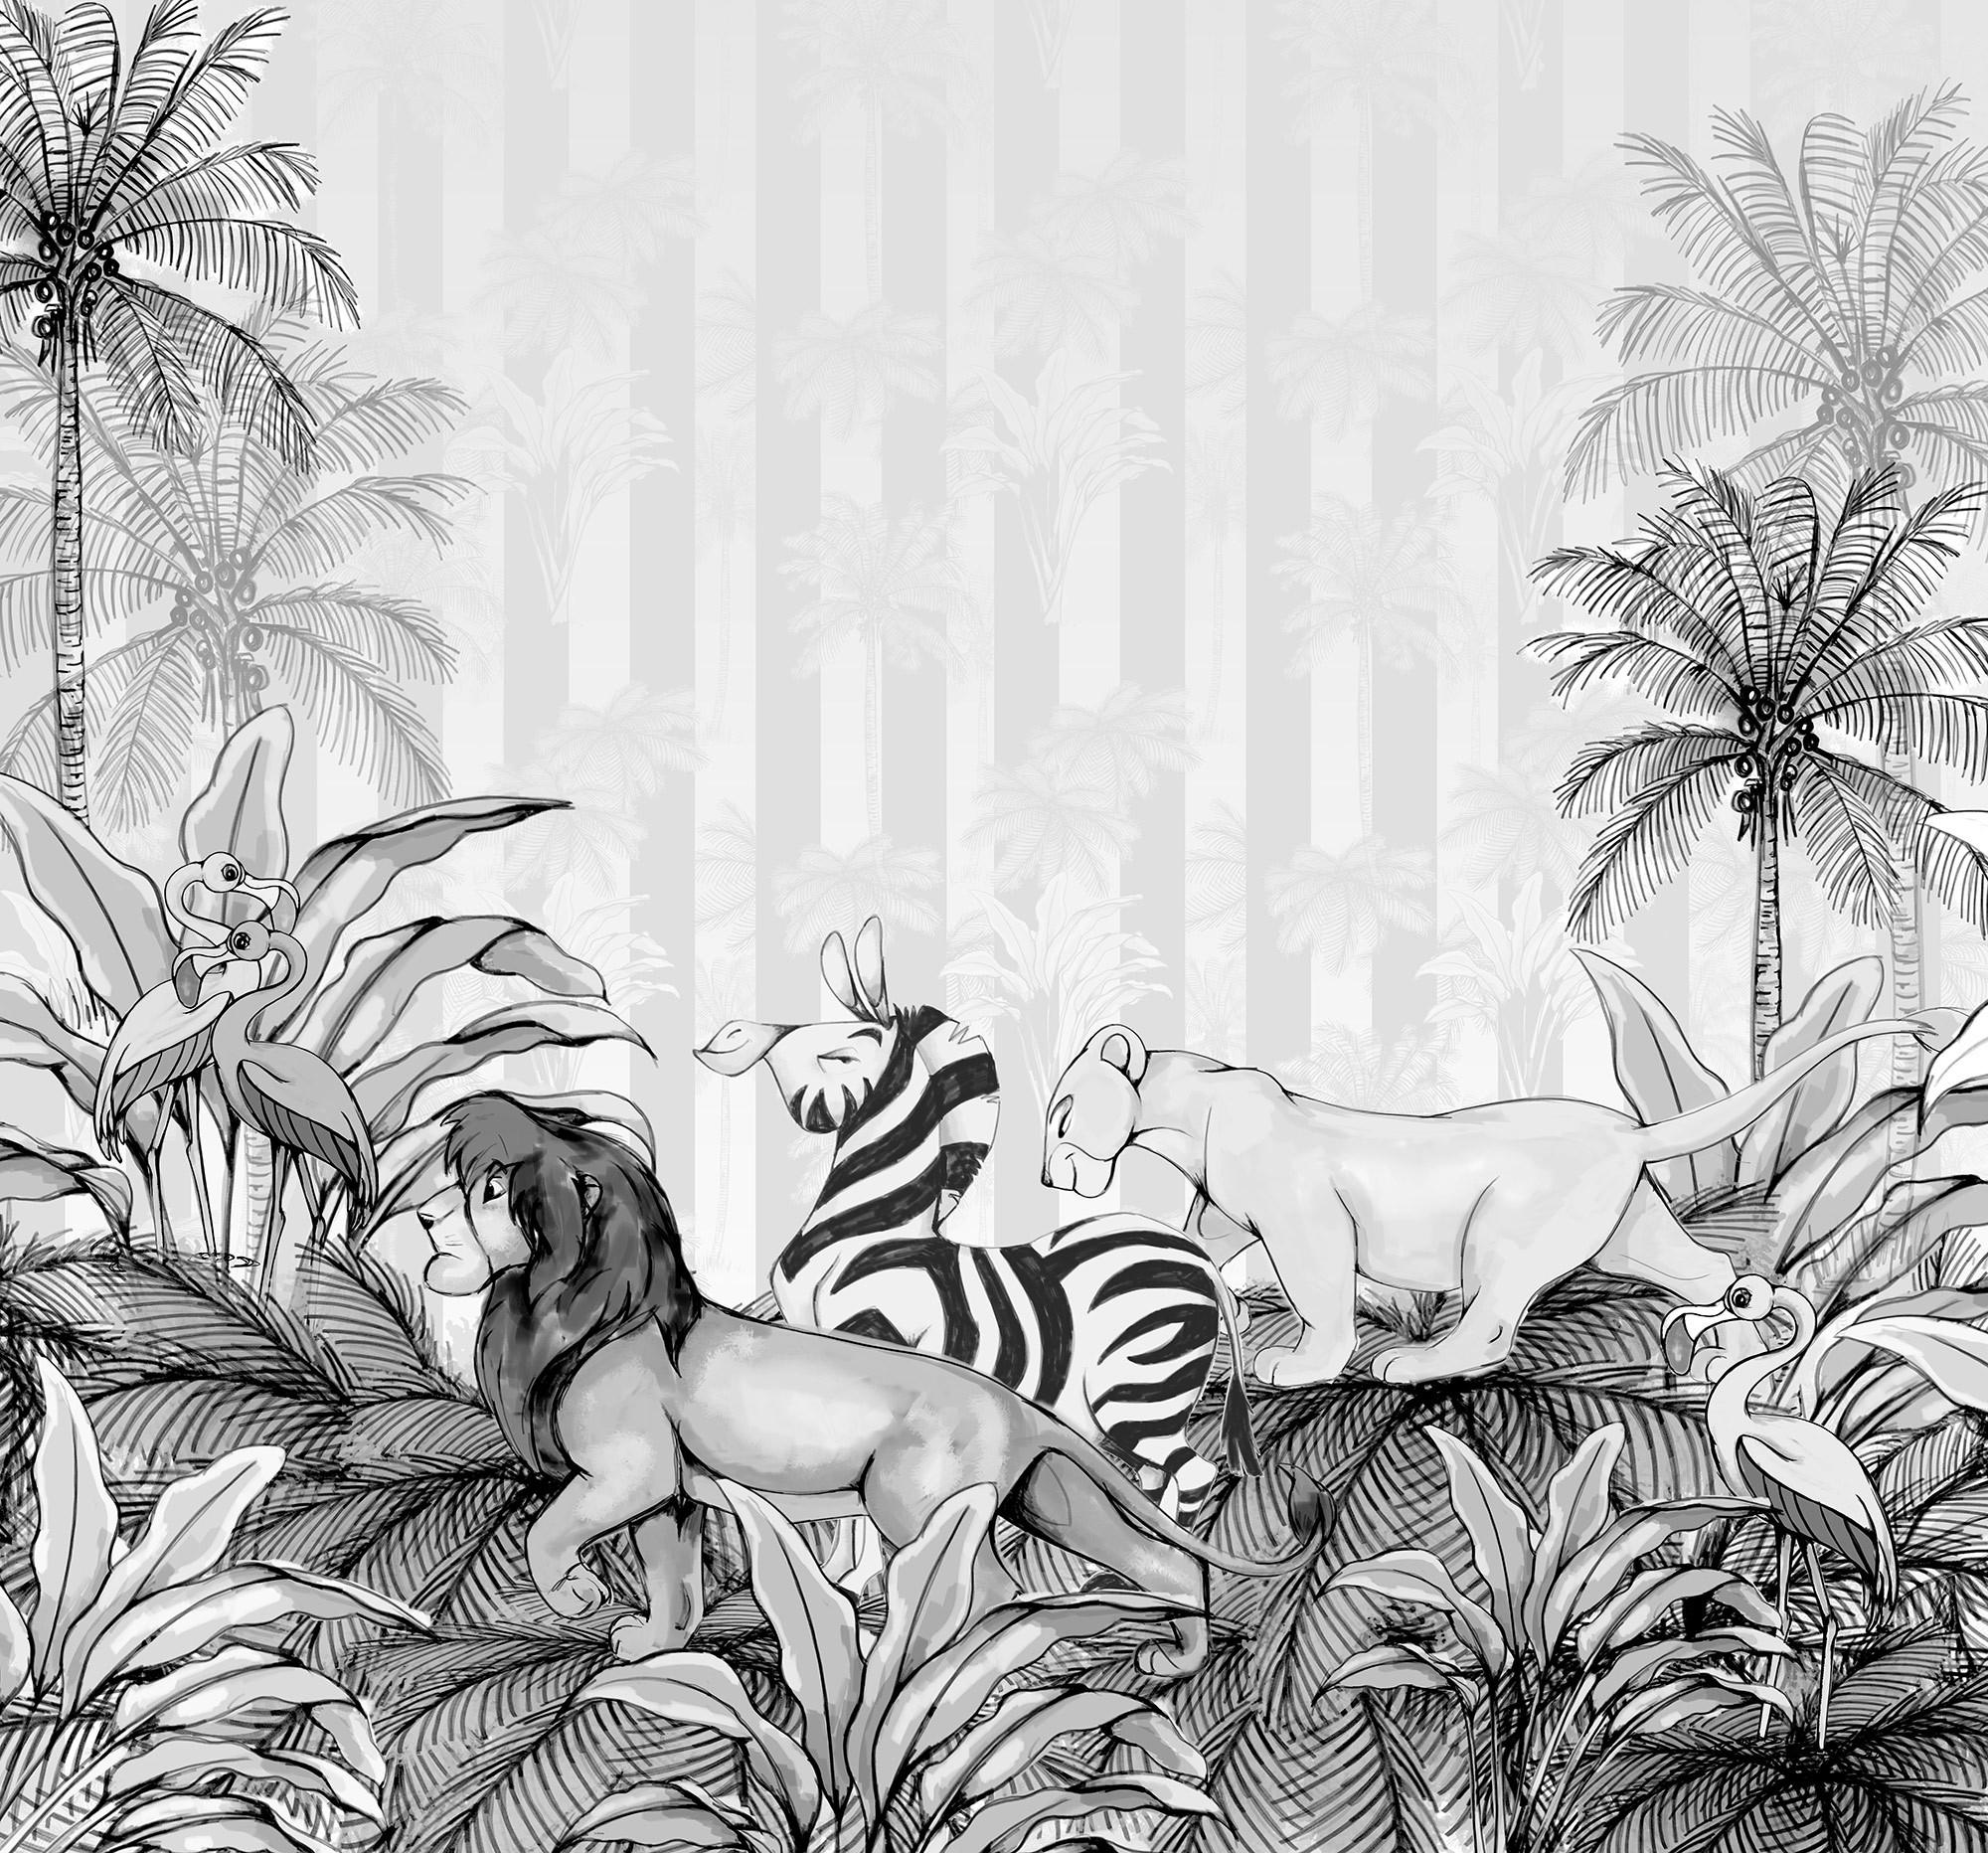 Lion King Monochrome